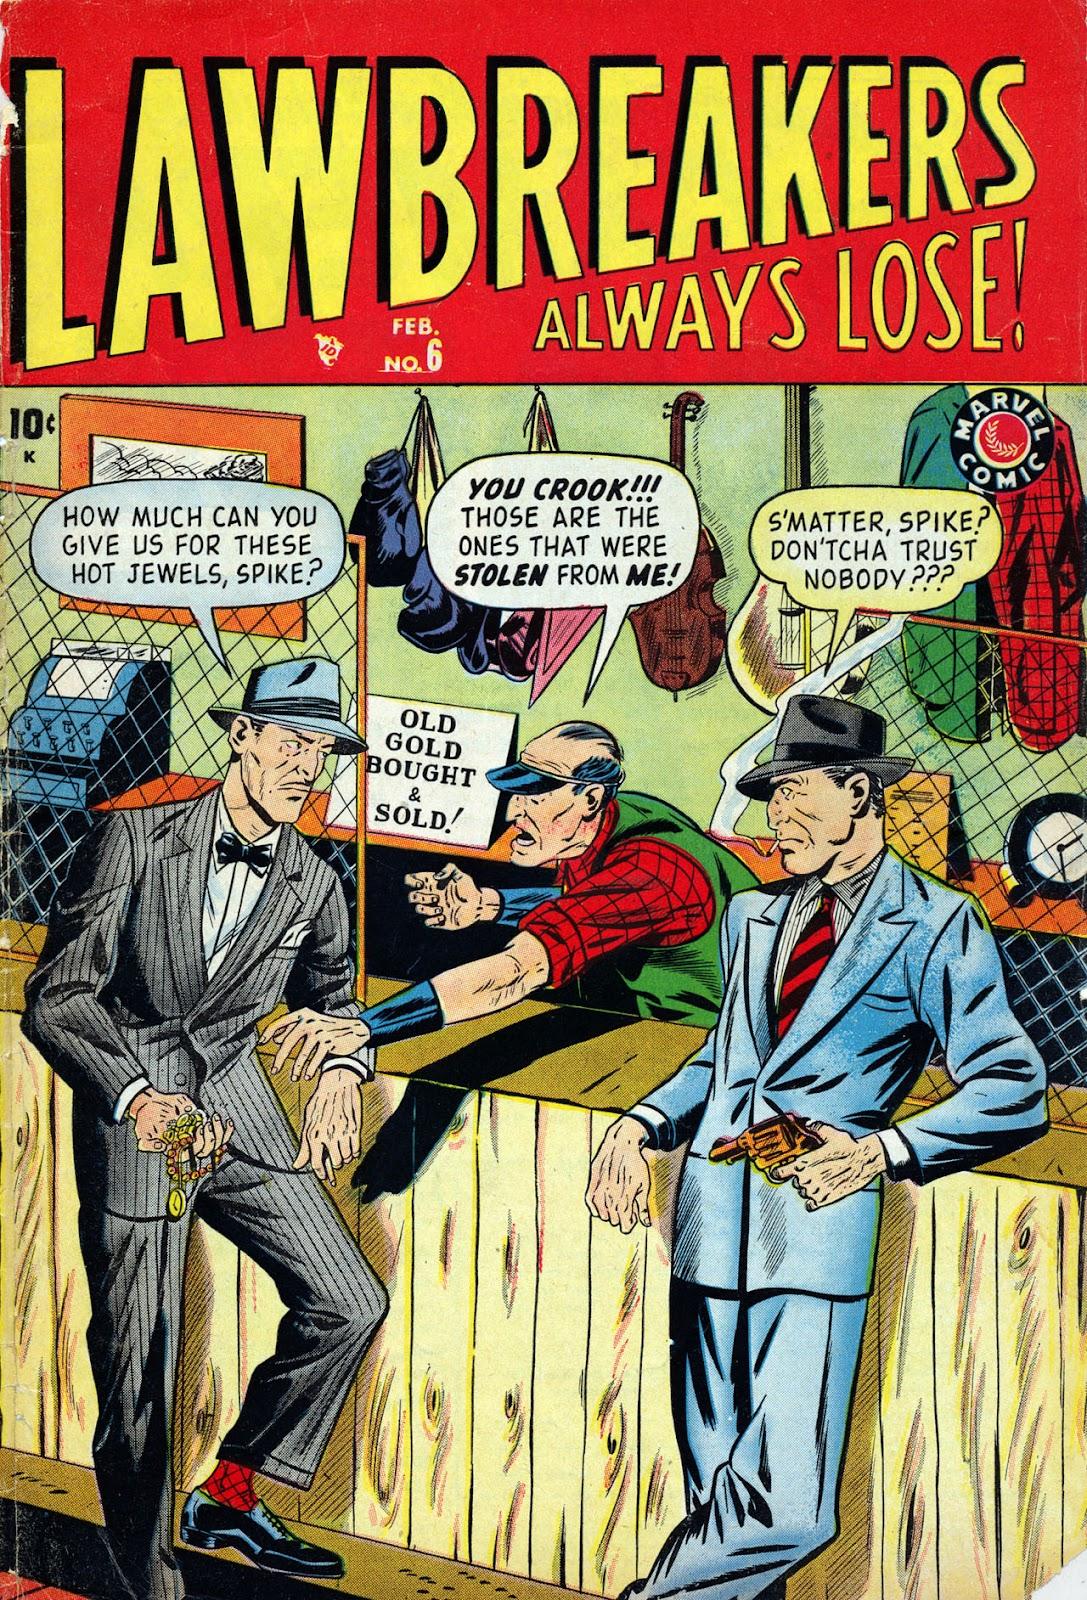 Lawbreakers Always Lose! 6 Page 1